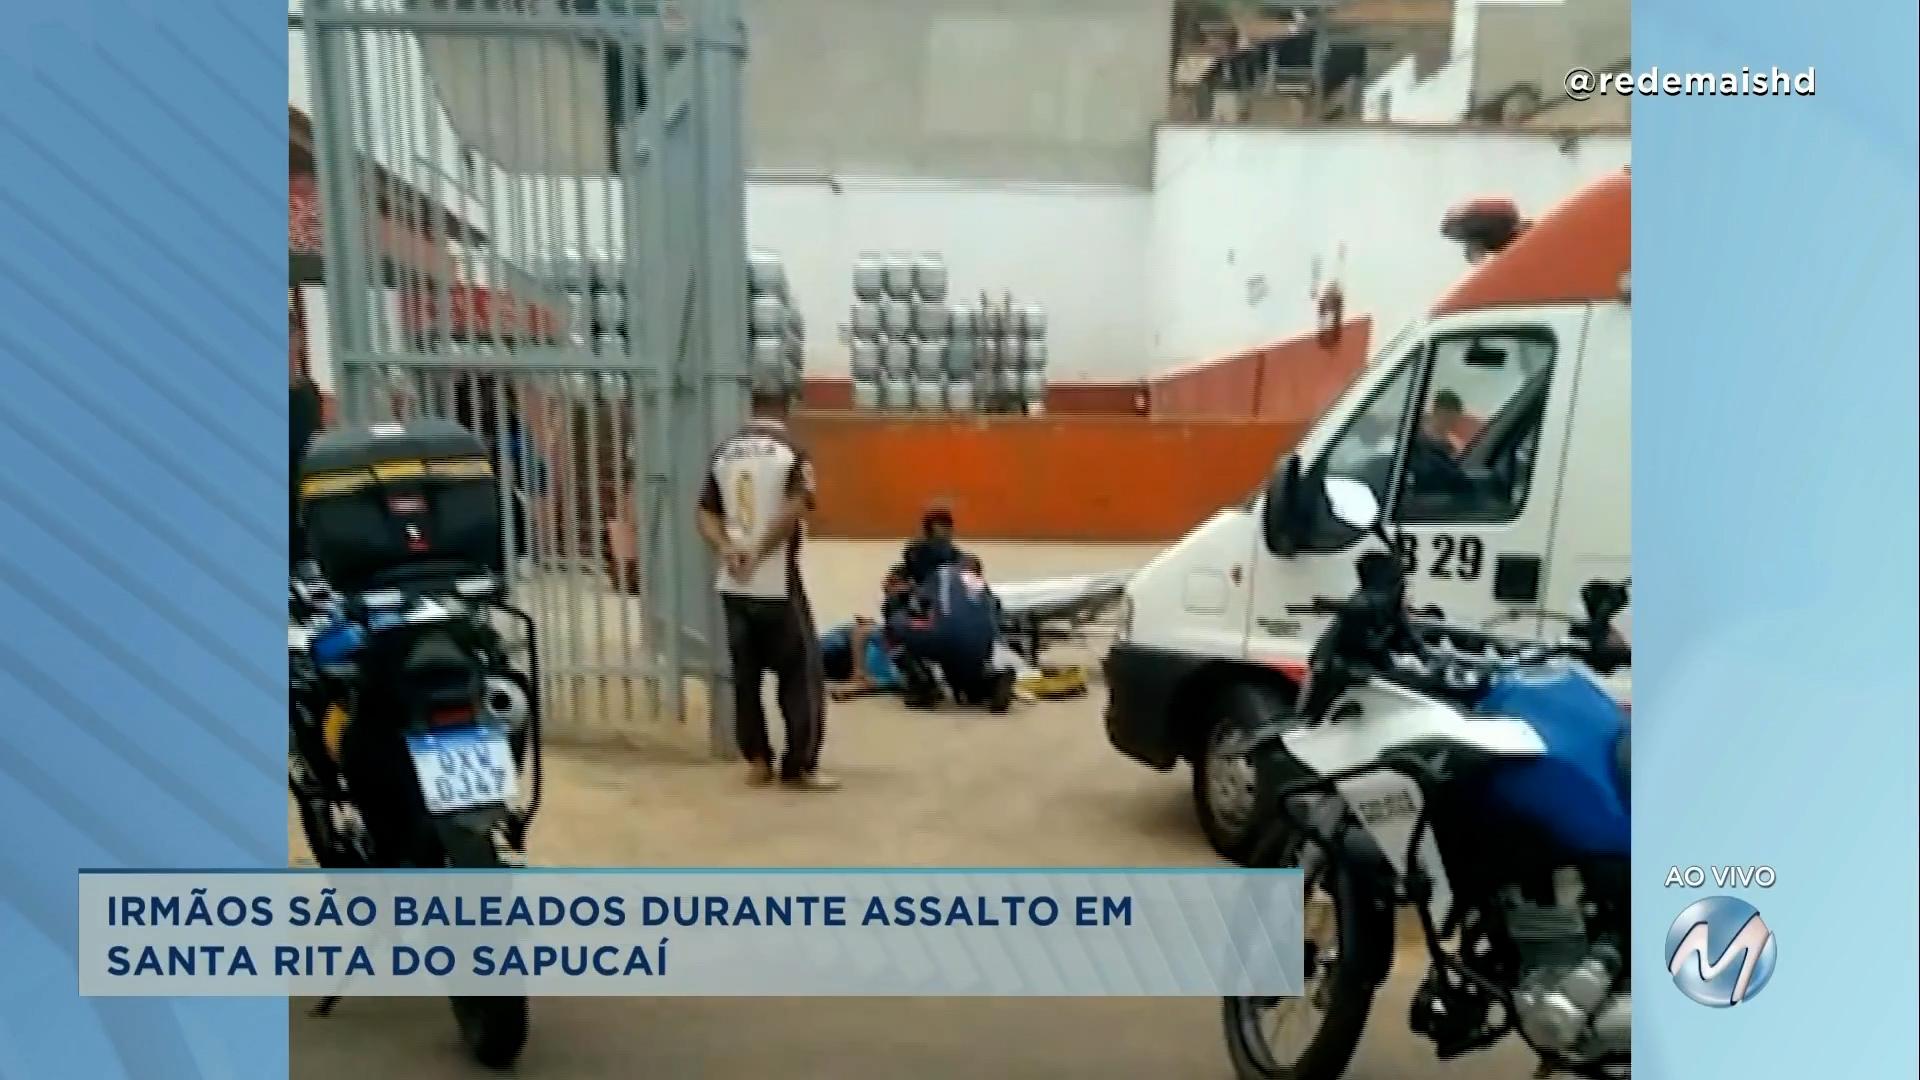 Dois irmãos foram baleados durante assalto em Santa Rita do Sapucaí